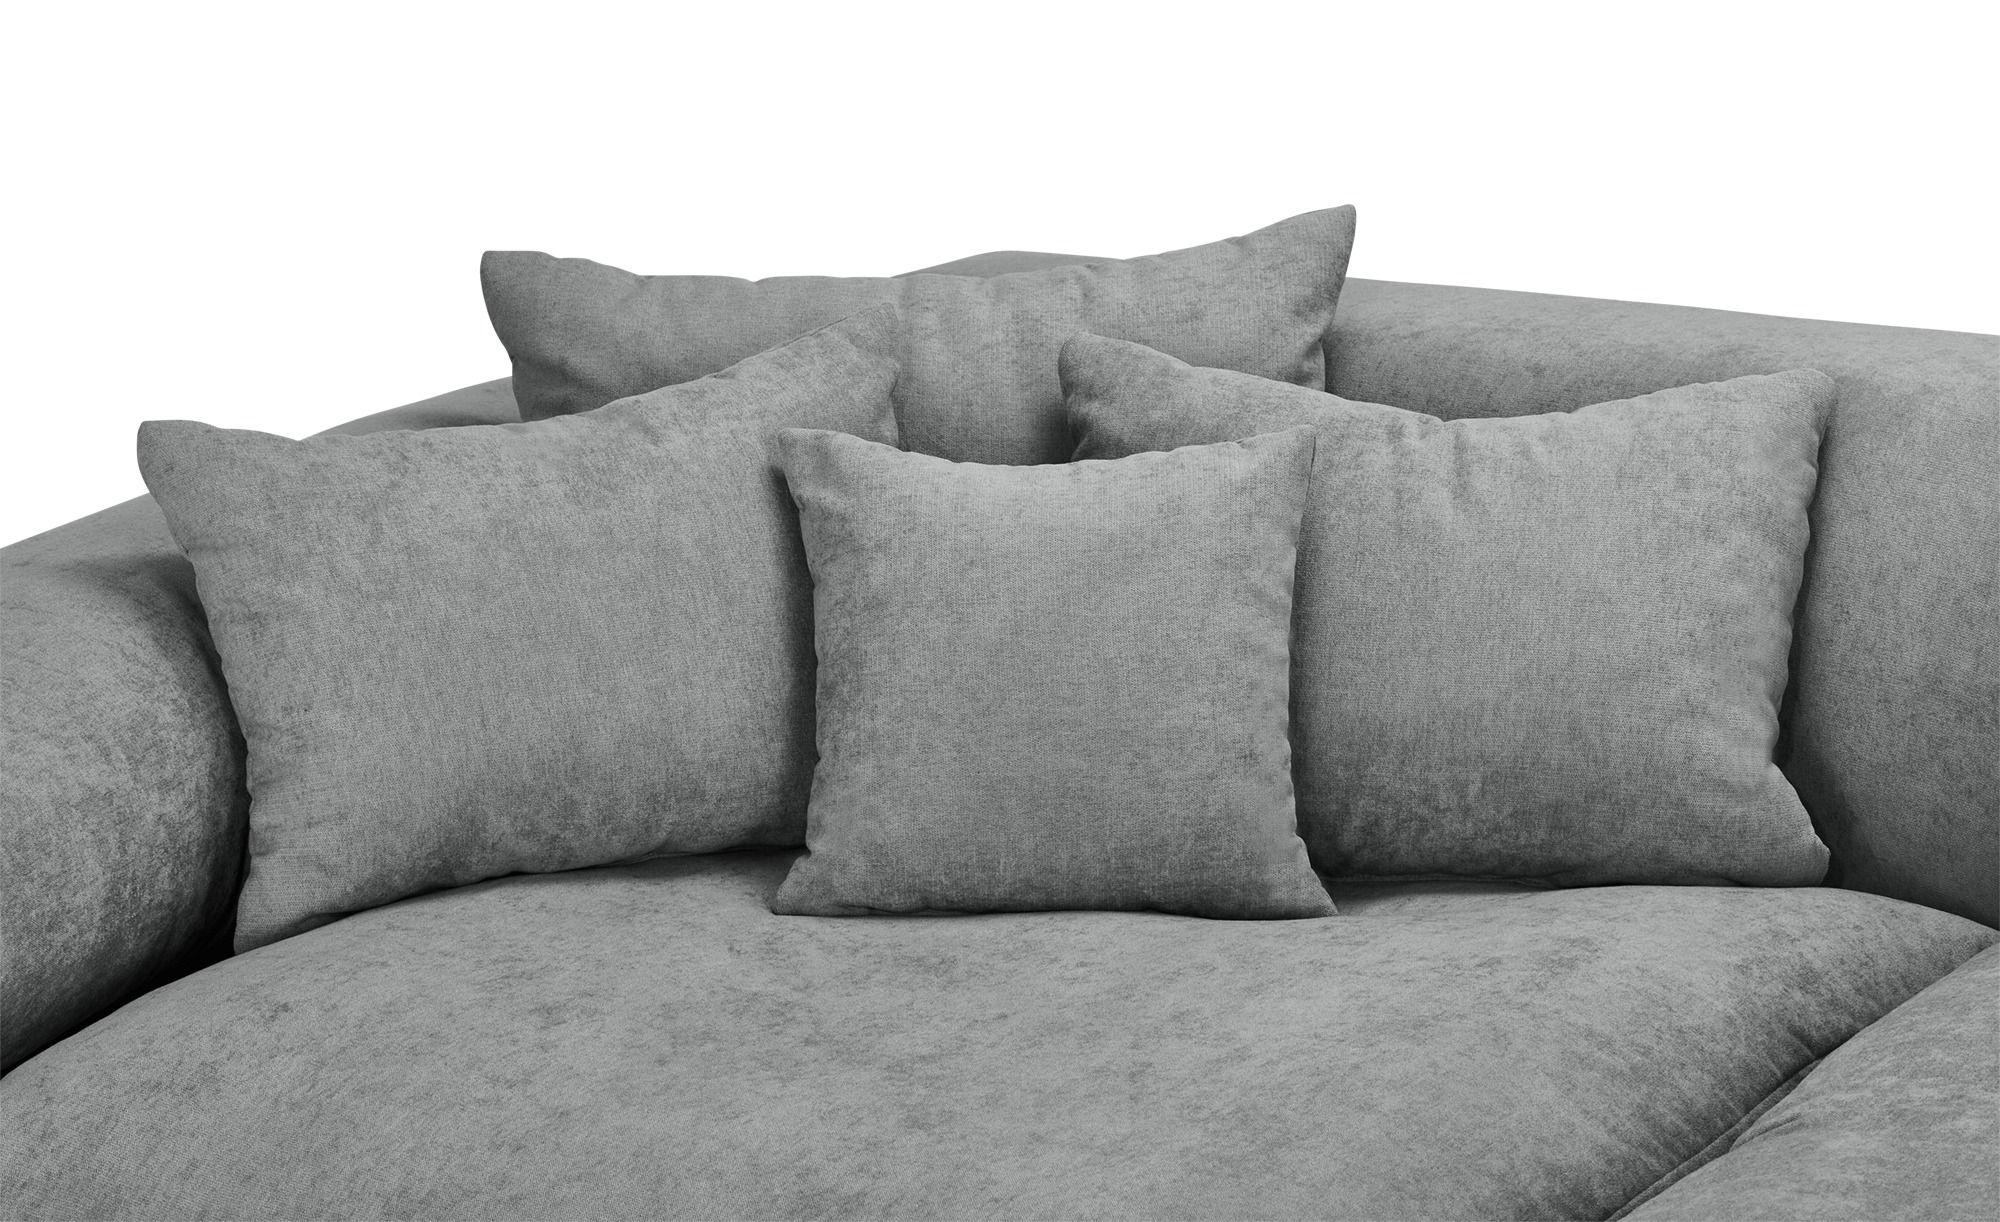 Smart Big Sofa Lianea Gefunden Bei Mobel Hoffner Flauschige